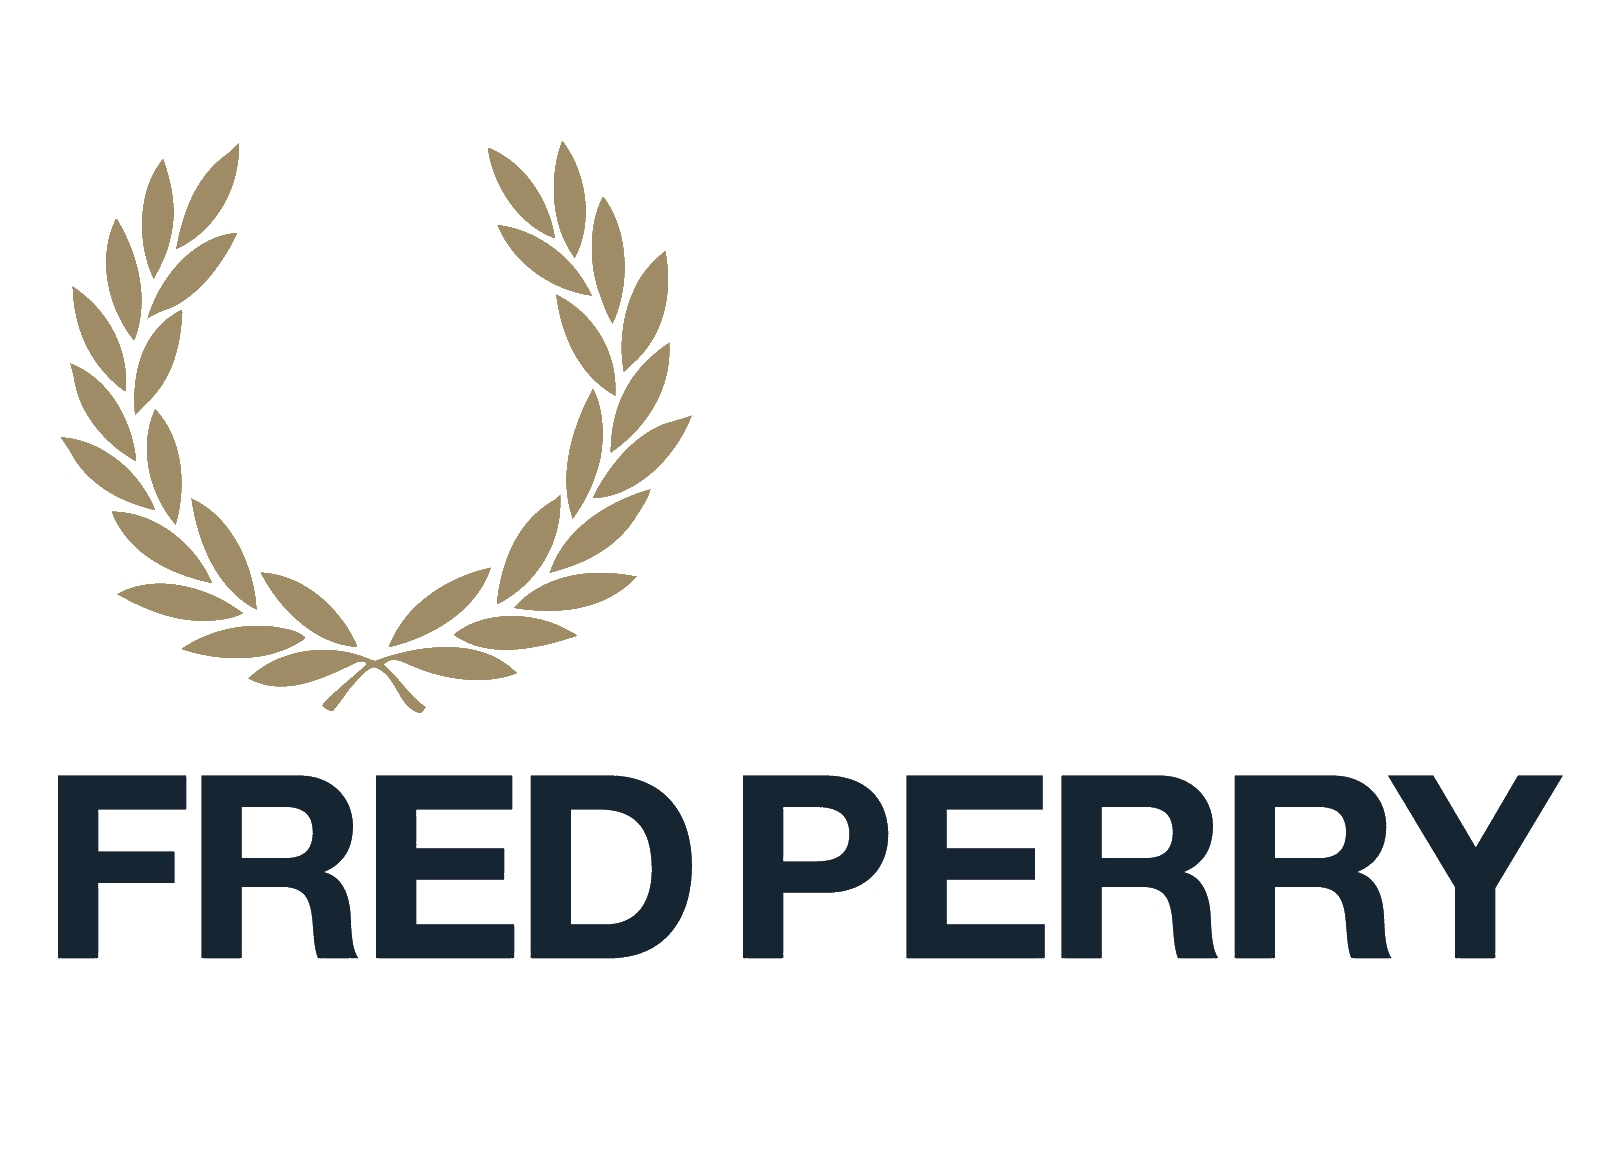 Известная марка одежды Fred Perry